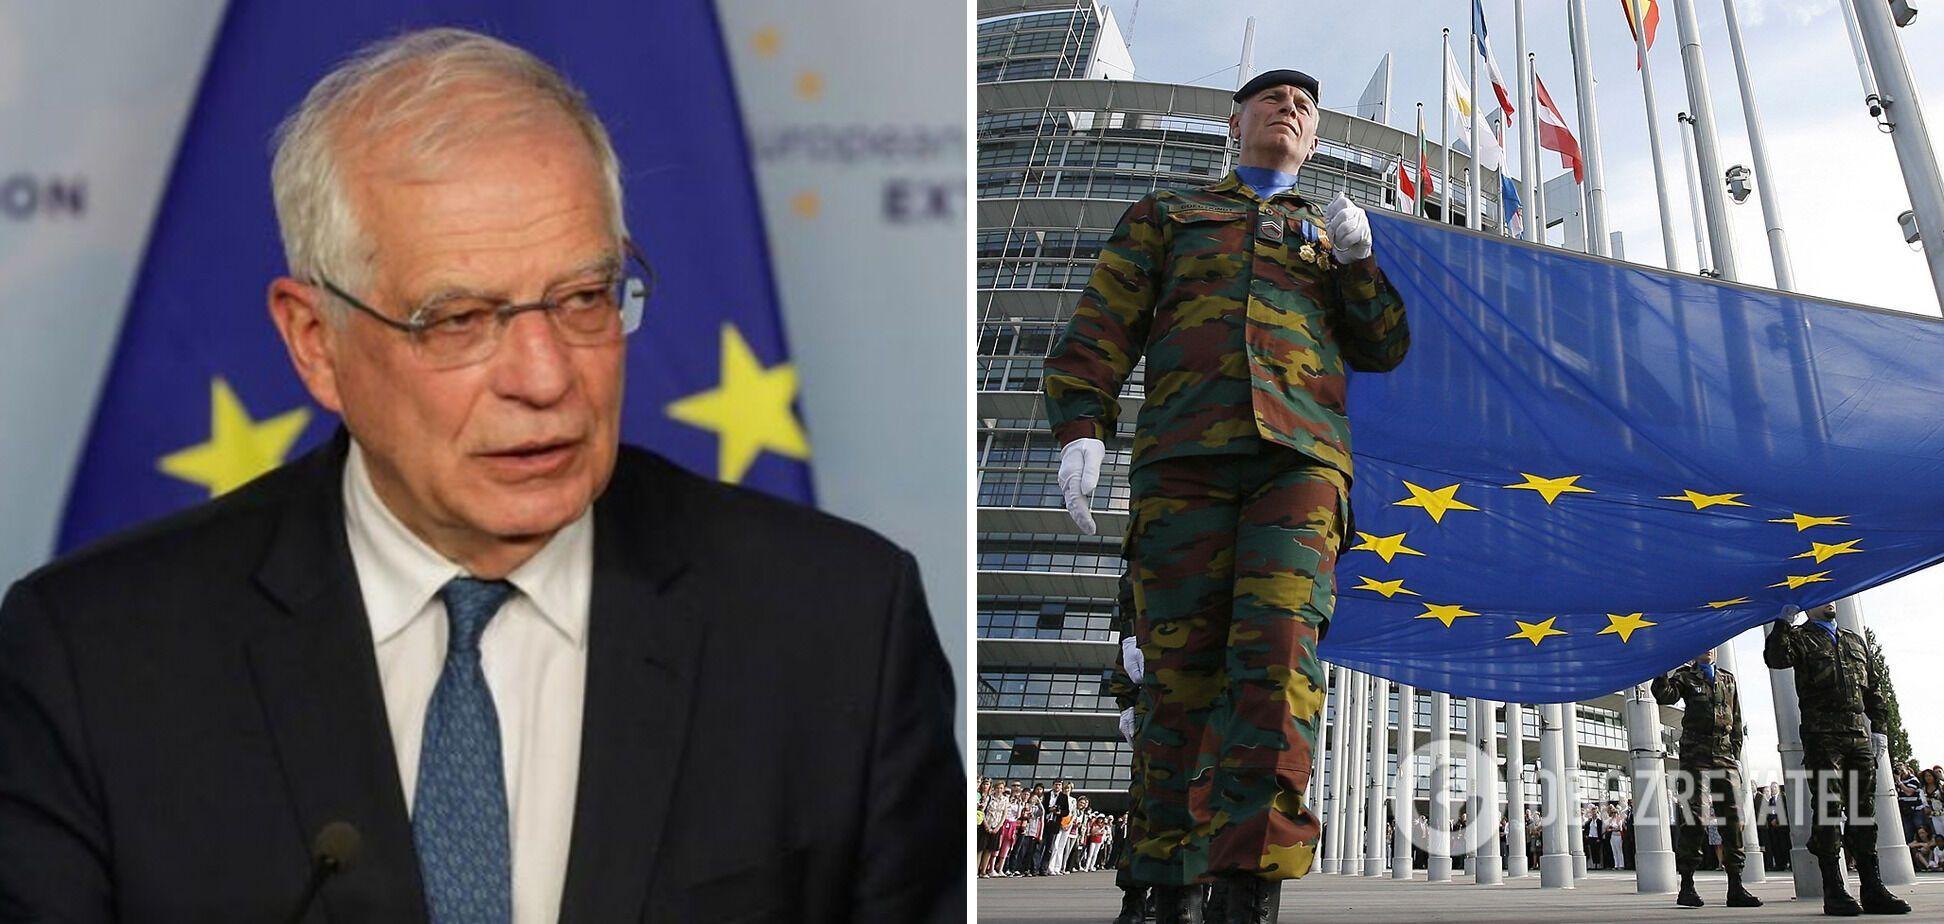 Жозеп Боррель повідомив про наміри ЄС створити власні сили швидкого реагування